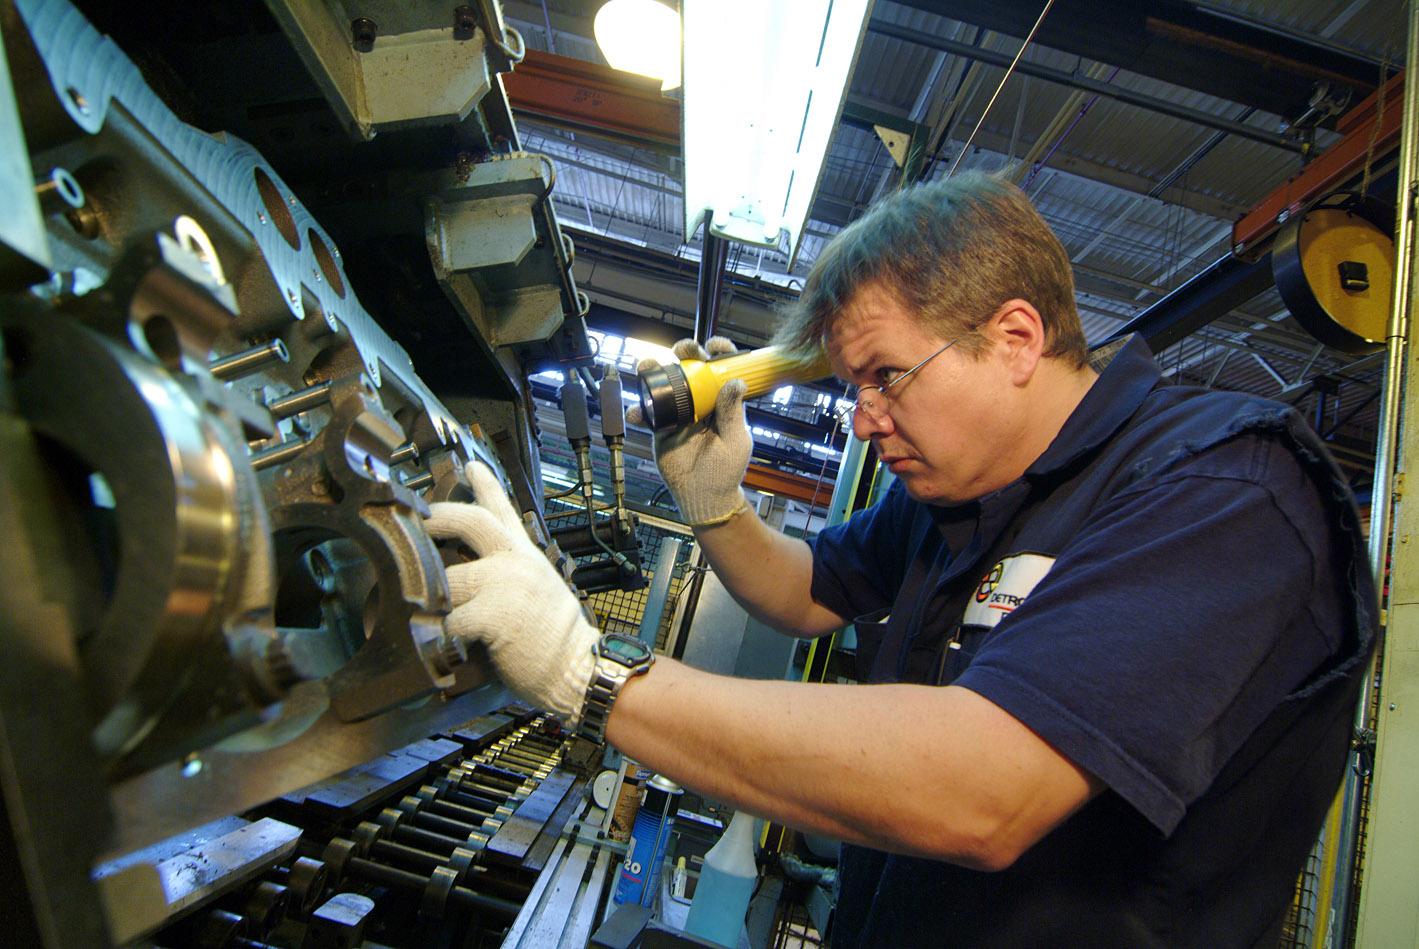 Instrumentos Y Herramientas Para El Control De Calidad En Laboratorio Y Plantas De Produccion